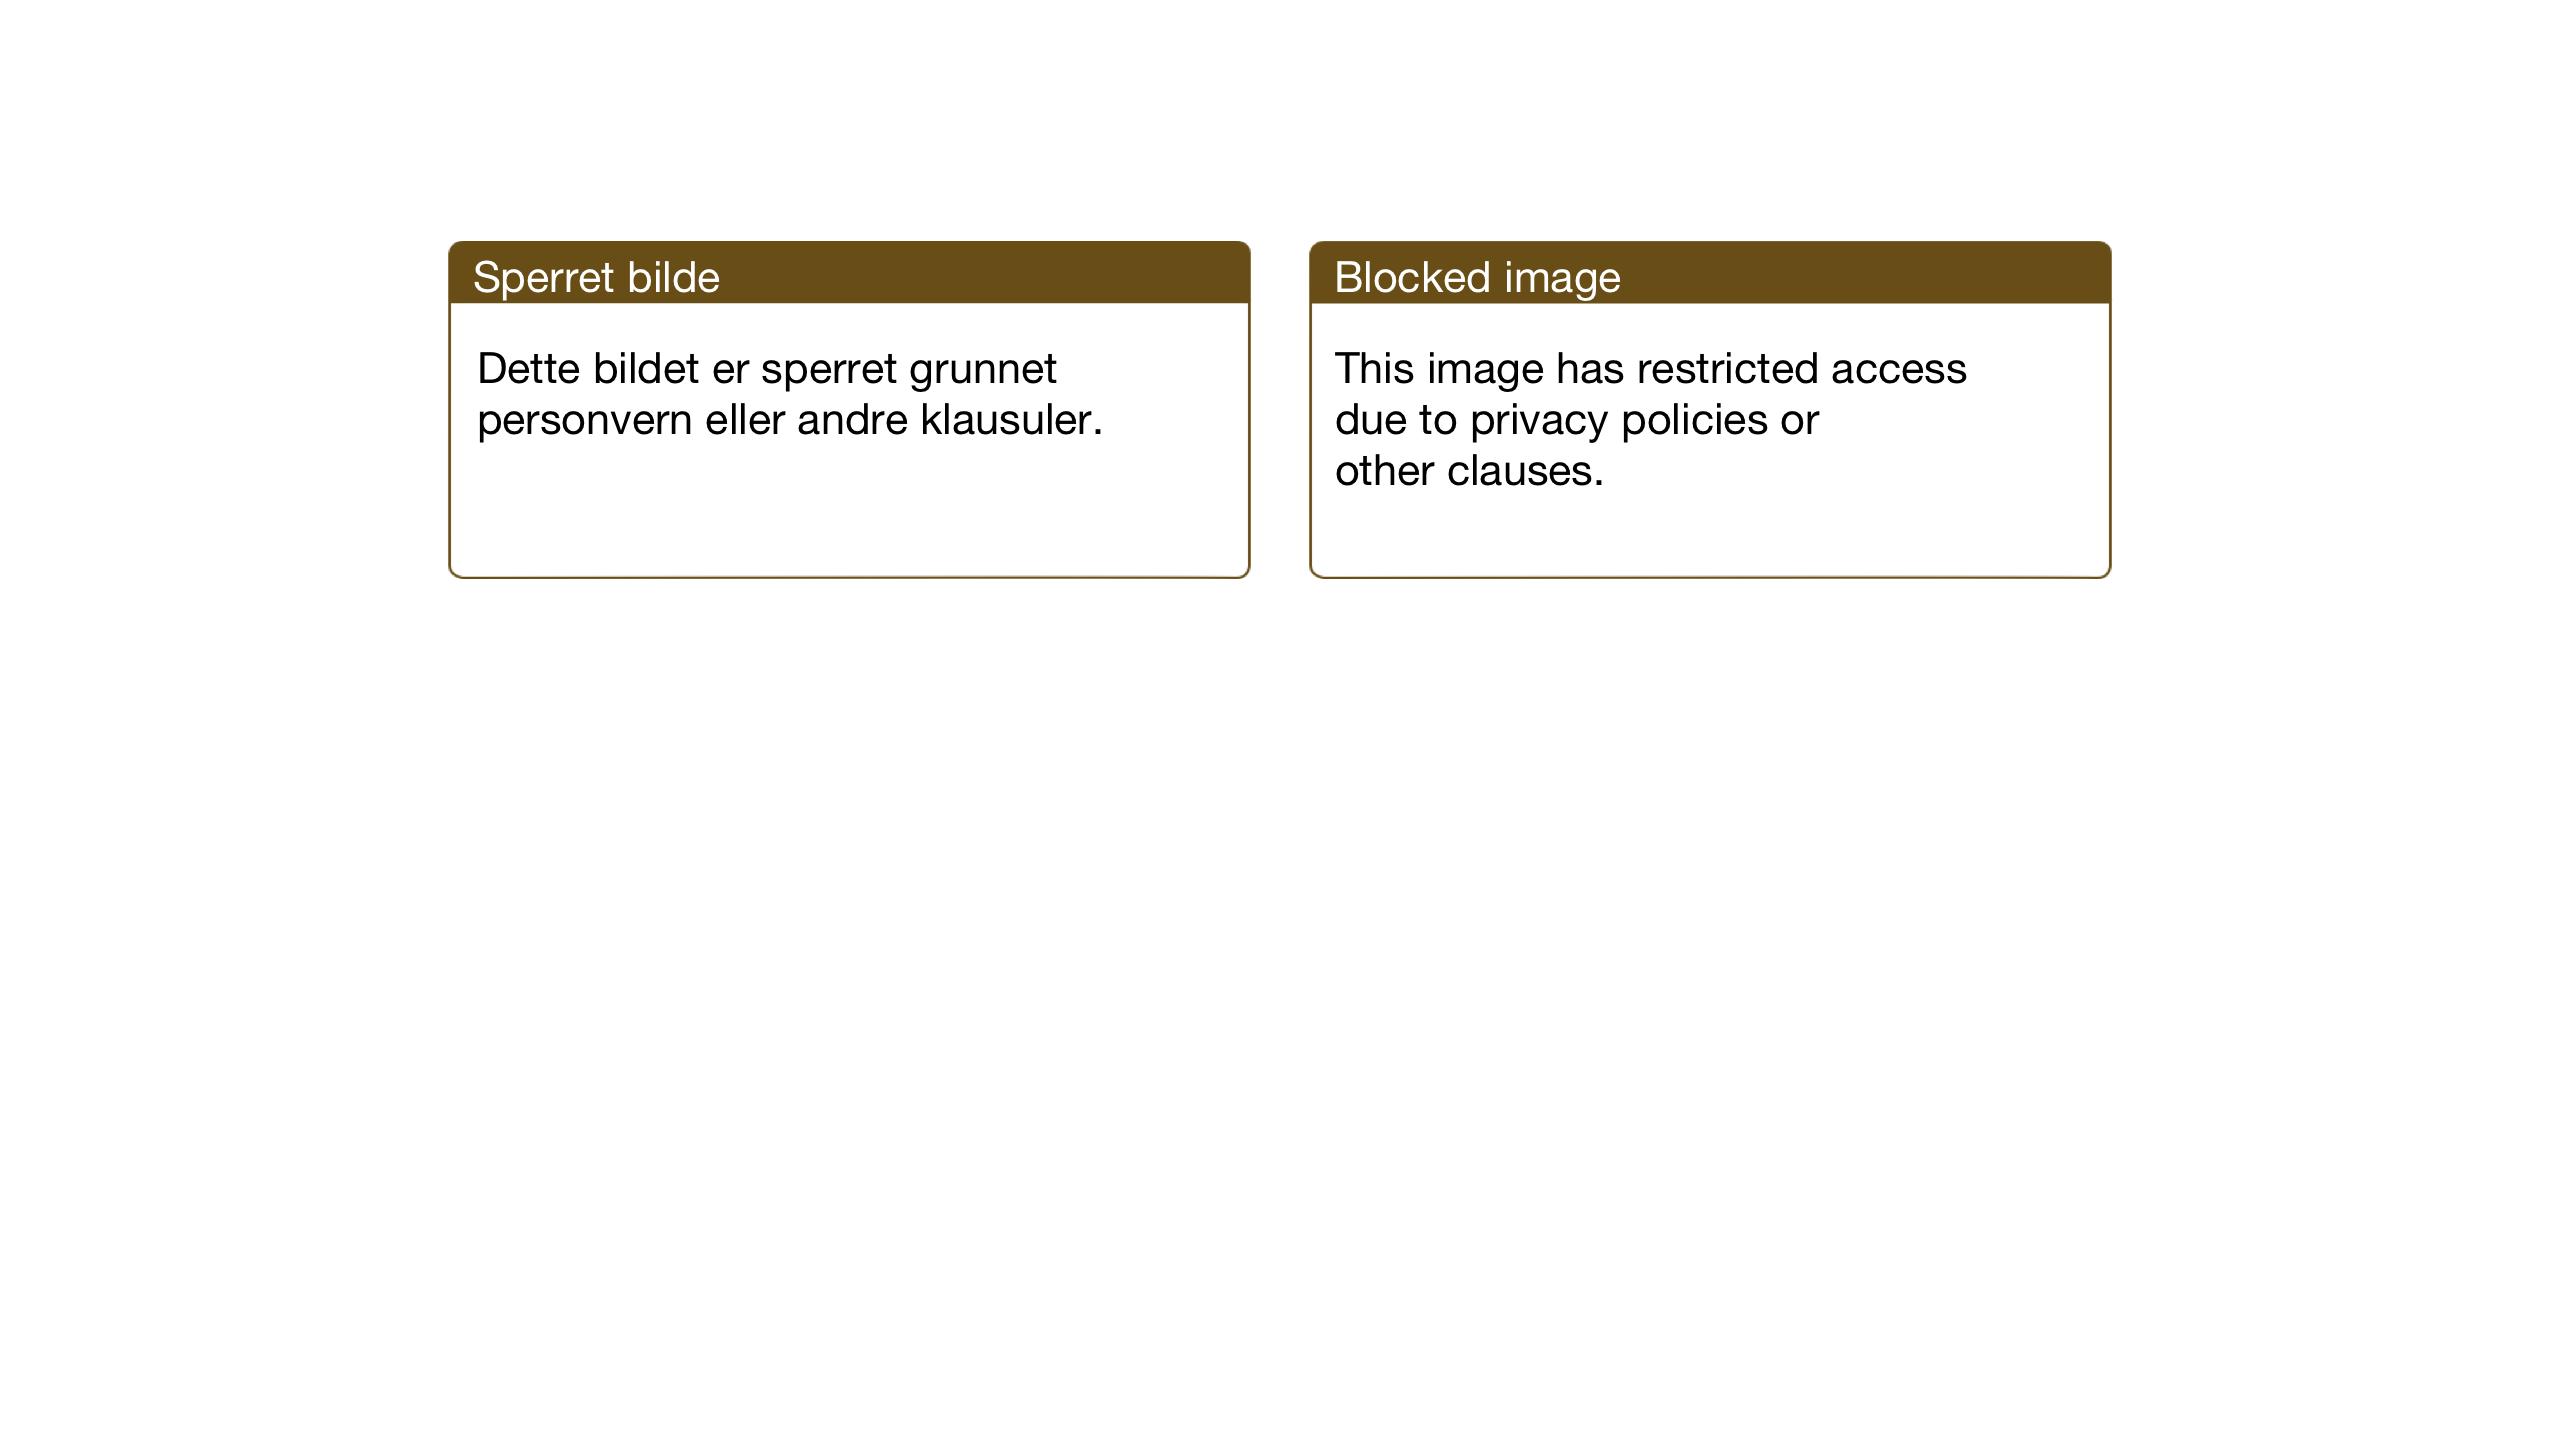 SAT, Ministerialprotokoller, klokkerbøker og fødselsregistre - Nord-Trøndelag, 722/L0227: Klokkerbok nr. 722C03, 1928-1958, s. 49